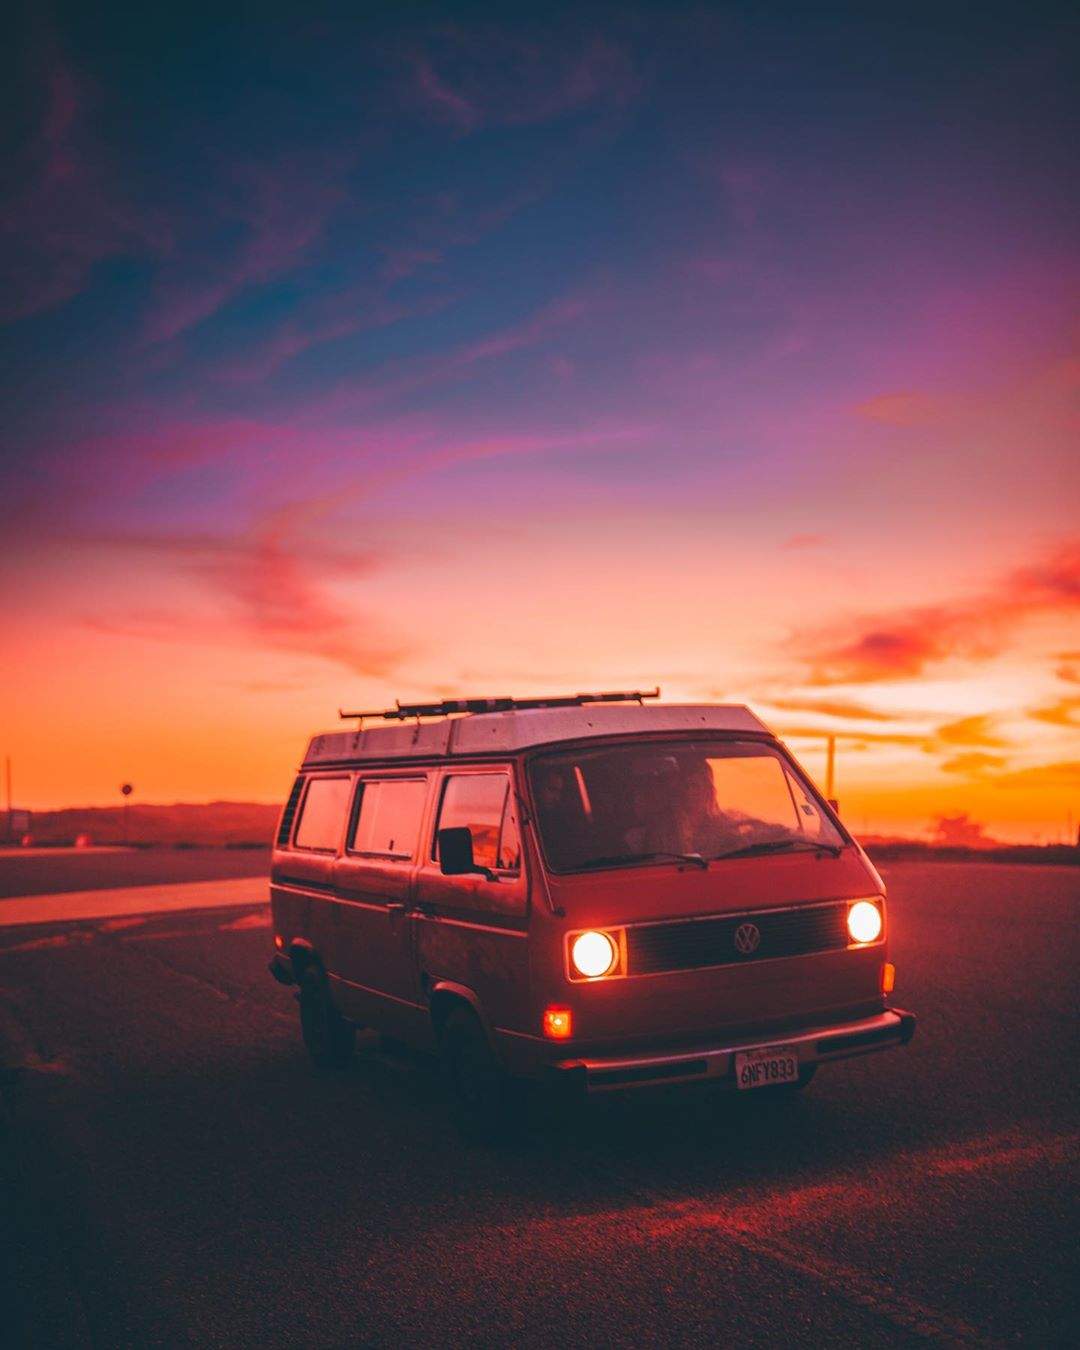 Невероятные пейзажи и путешествия на снимках Брайтона Гальвана